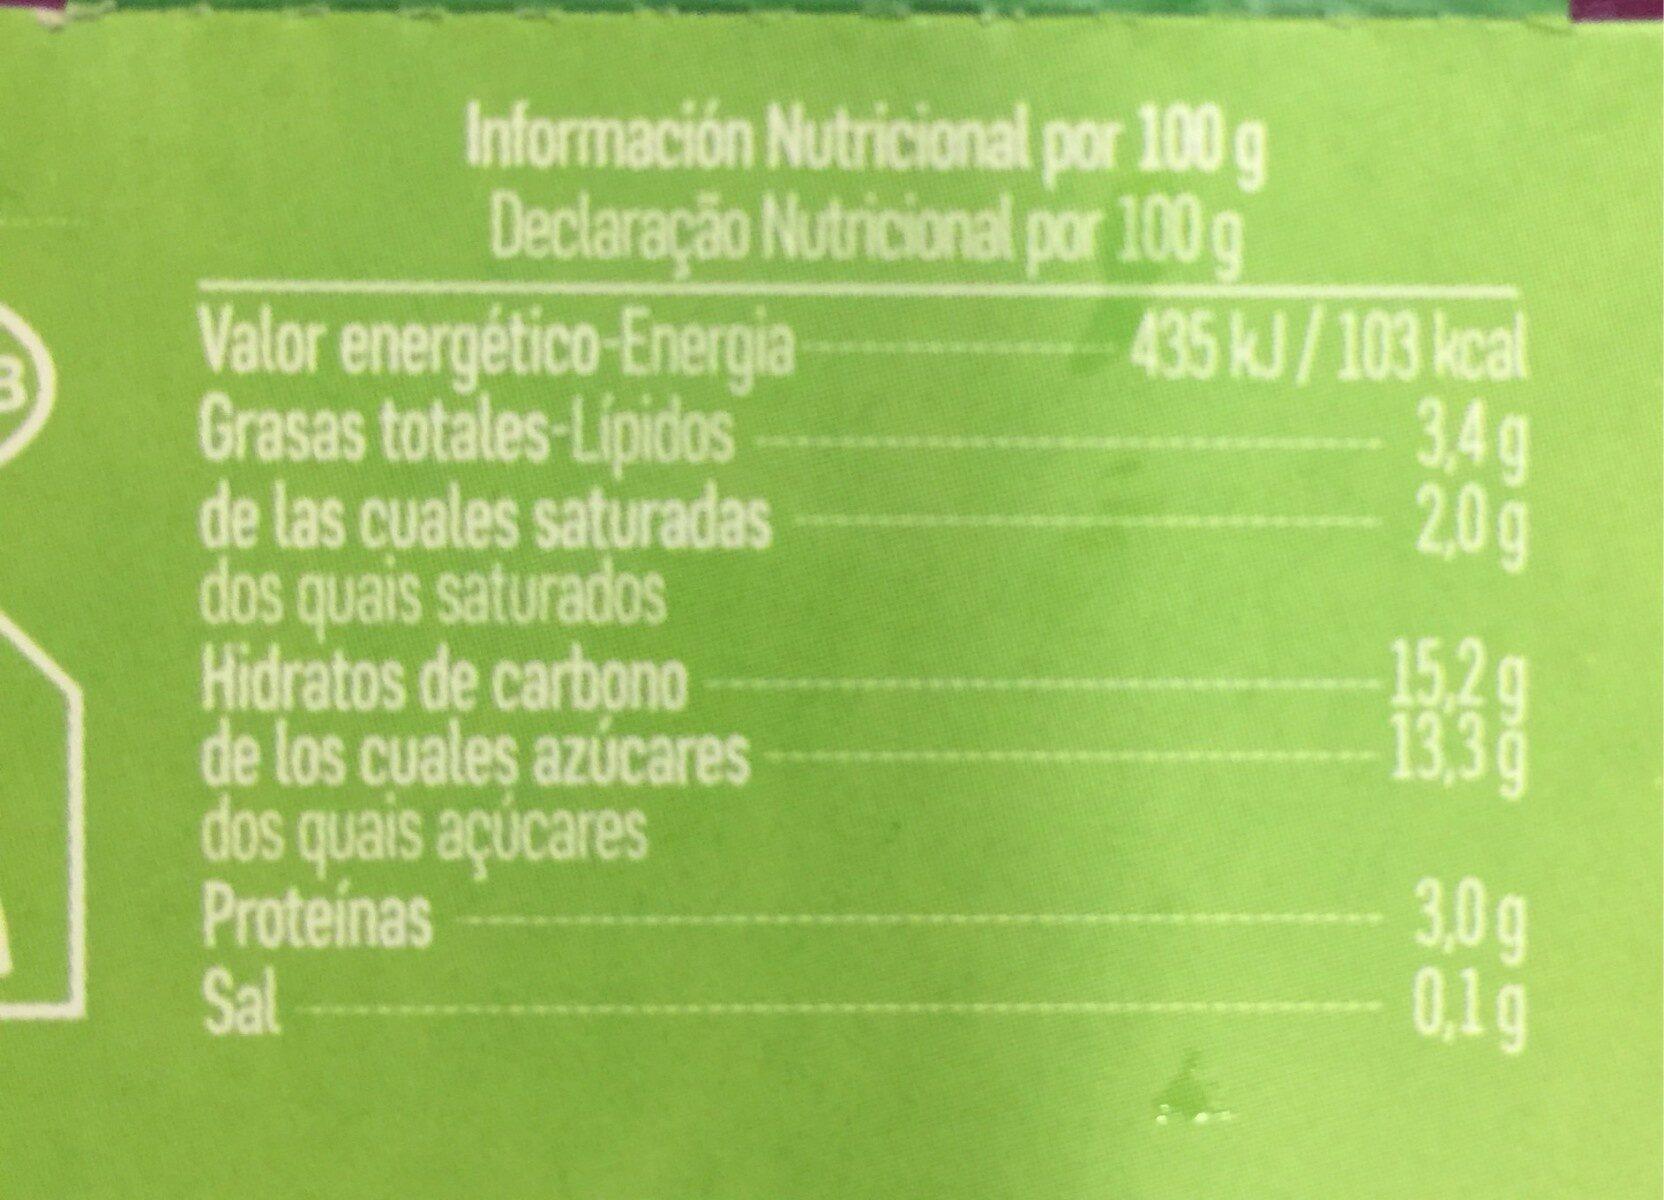 Yogur ecologico de cabra con arandanos - Nutrition facts